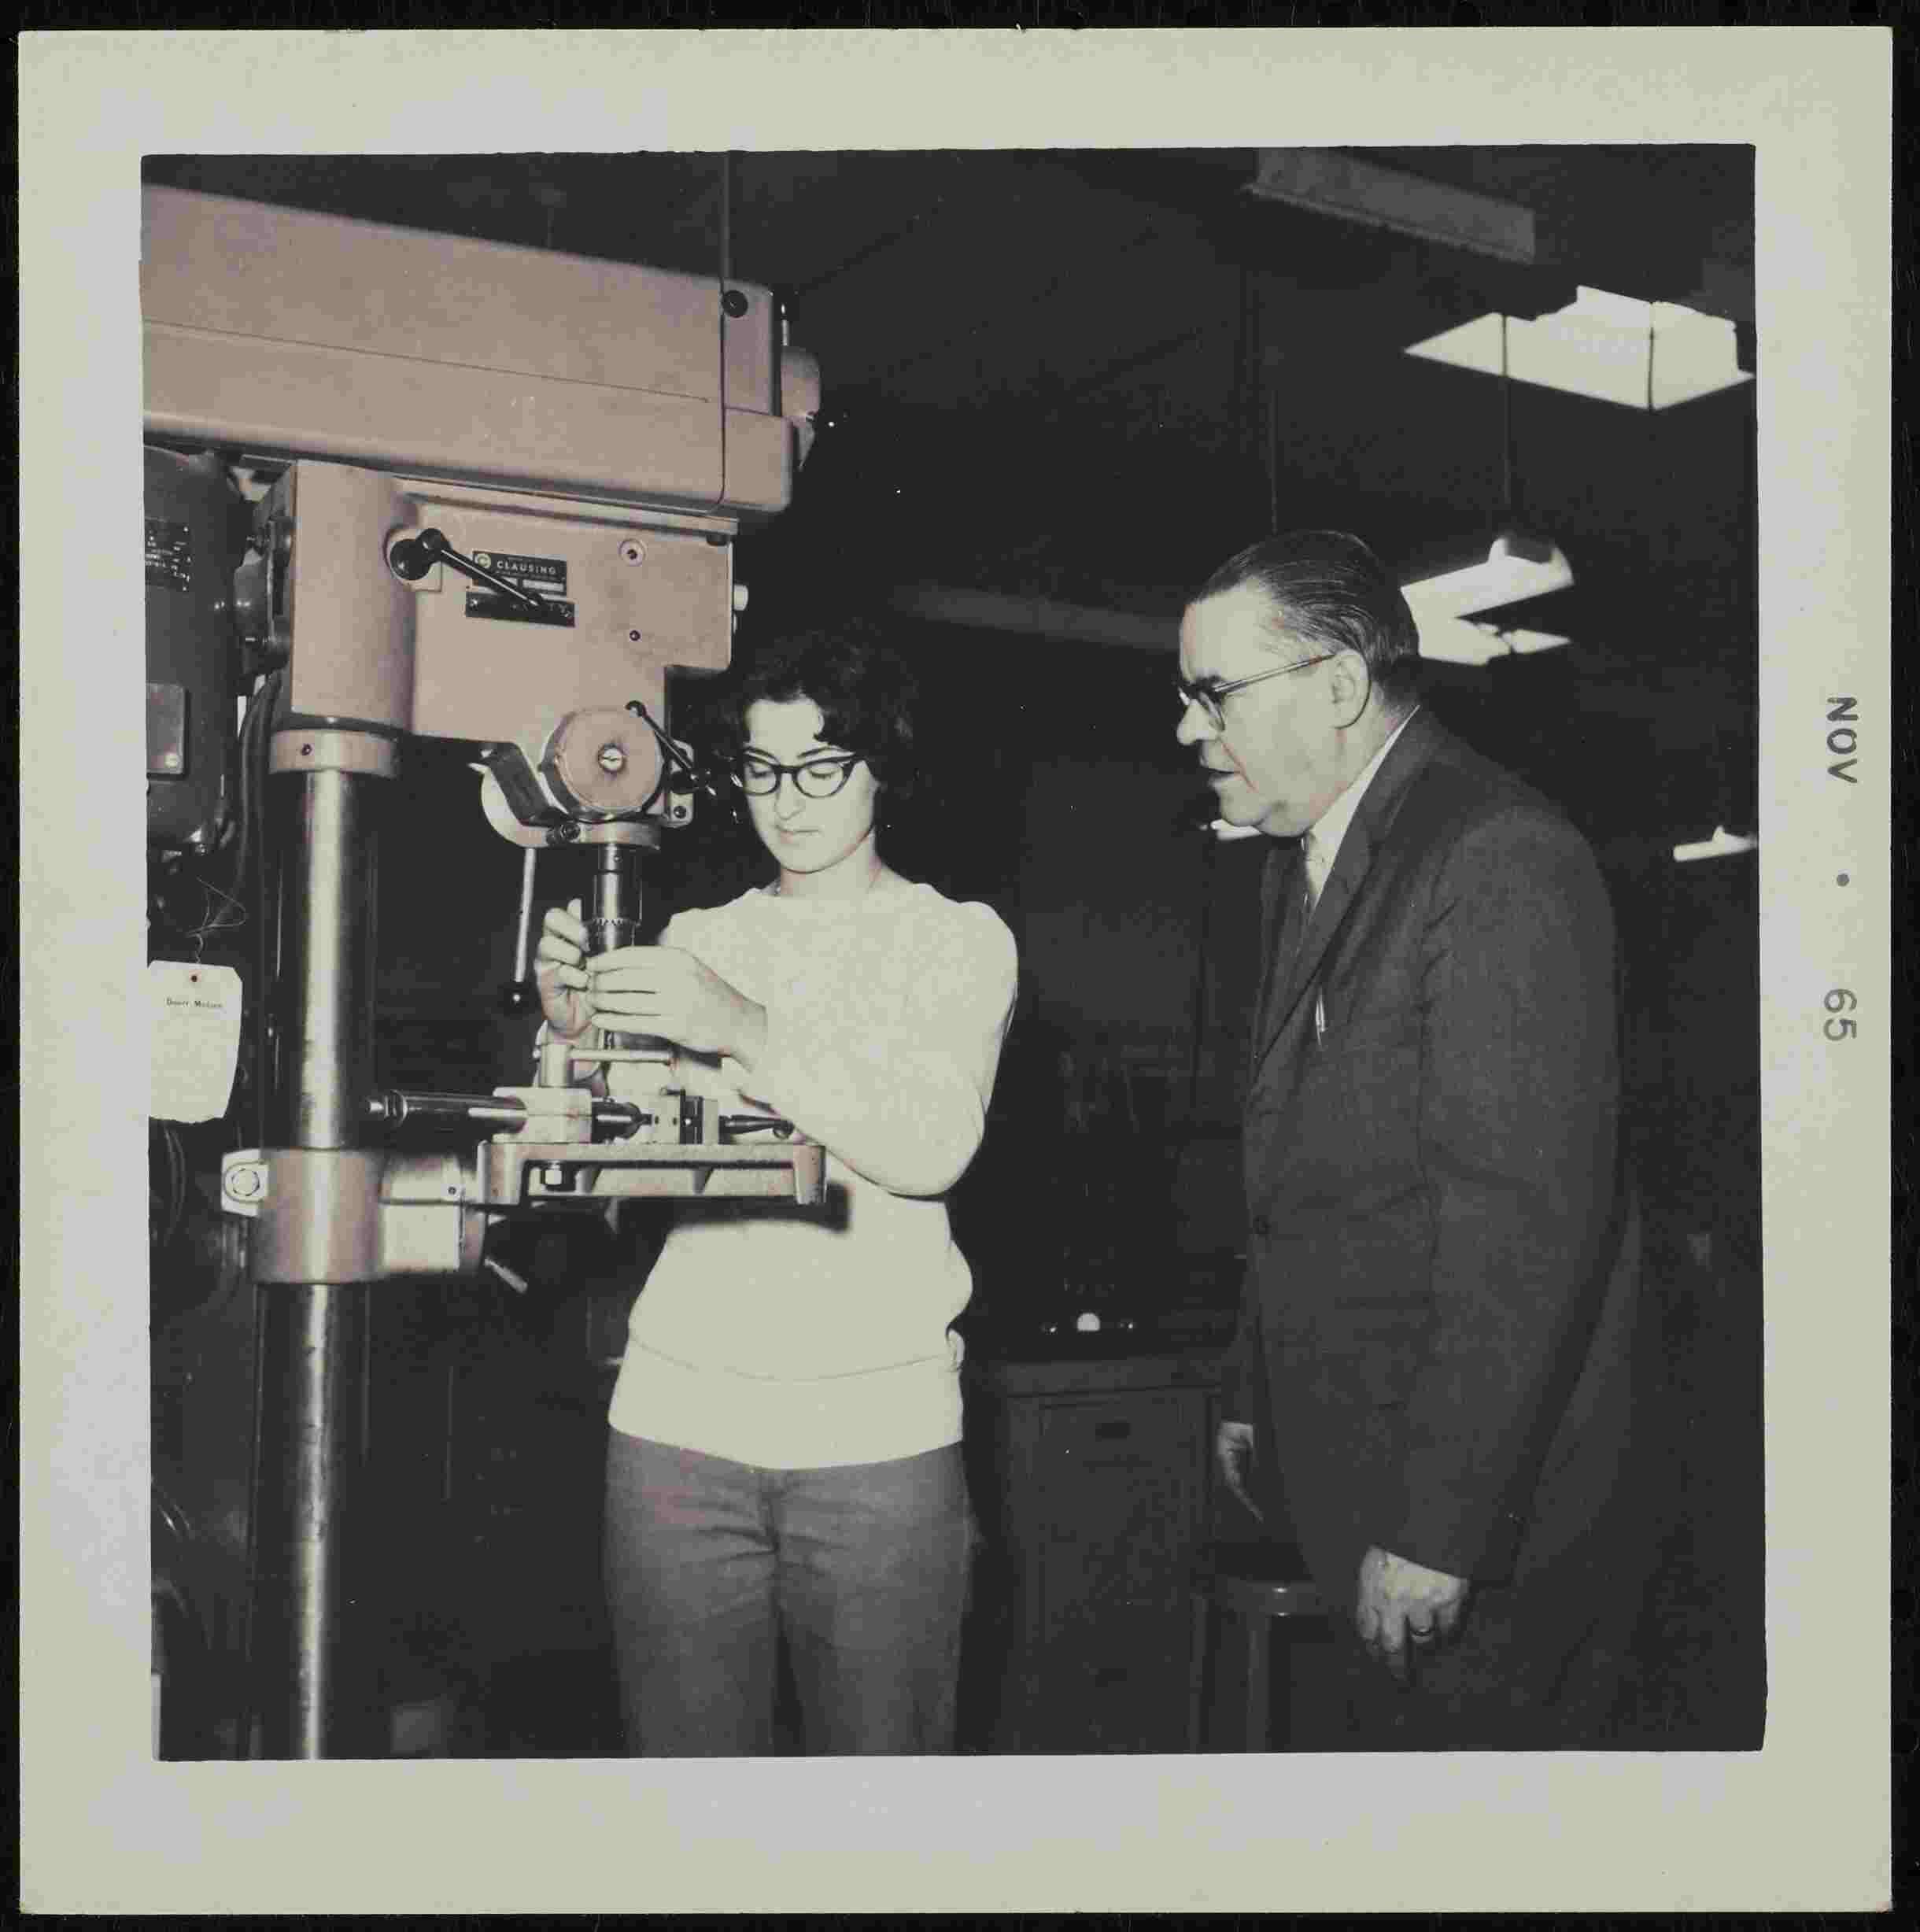 Machining student, 1965